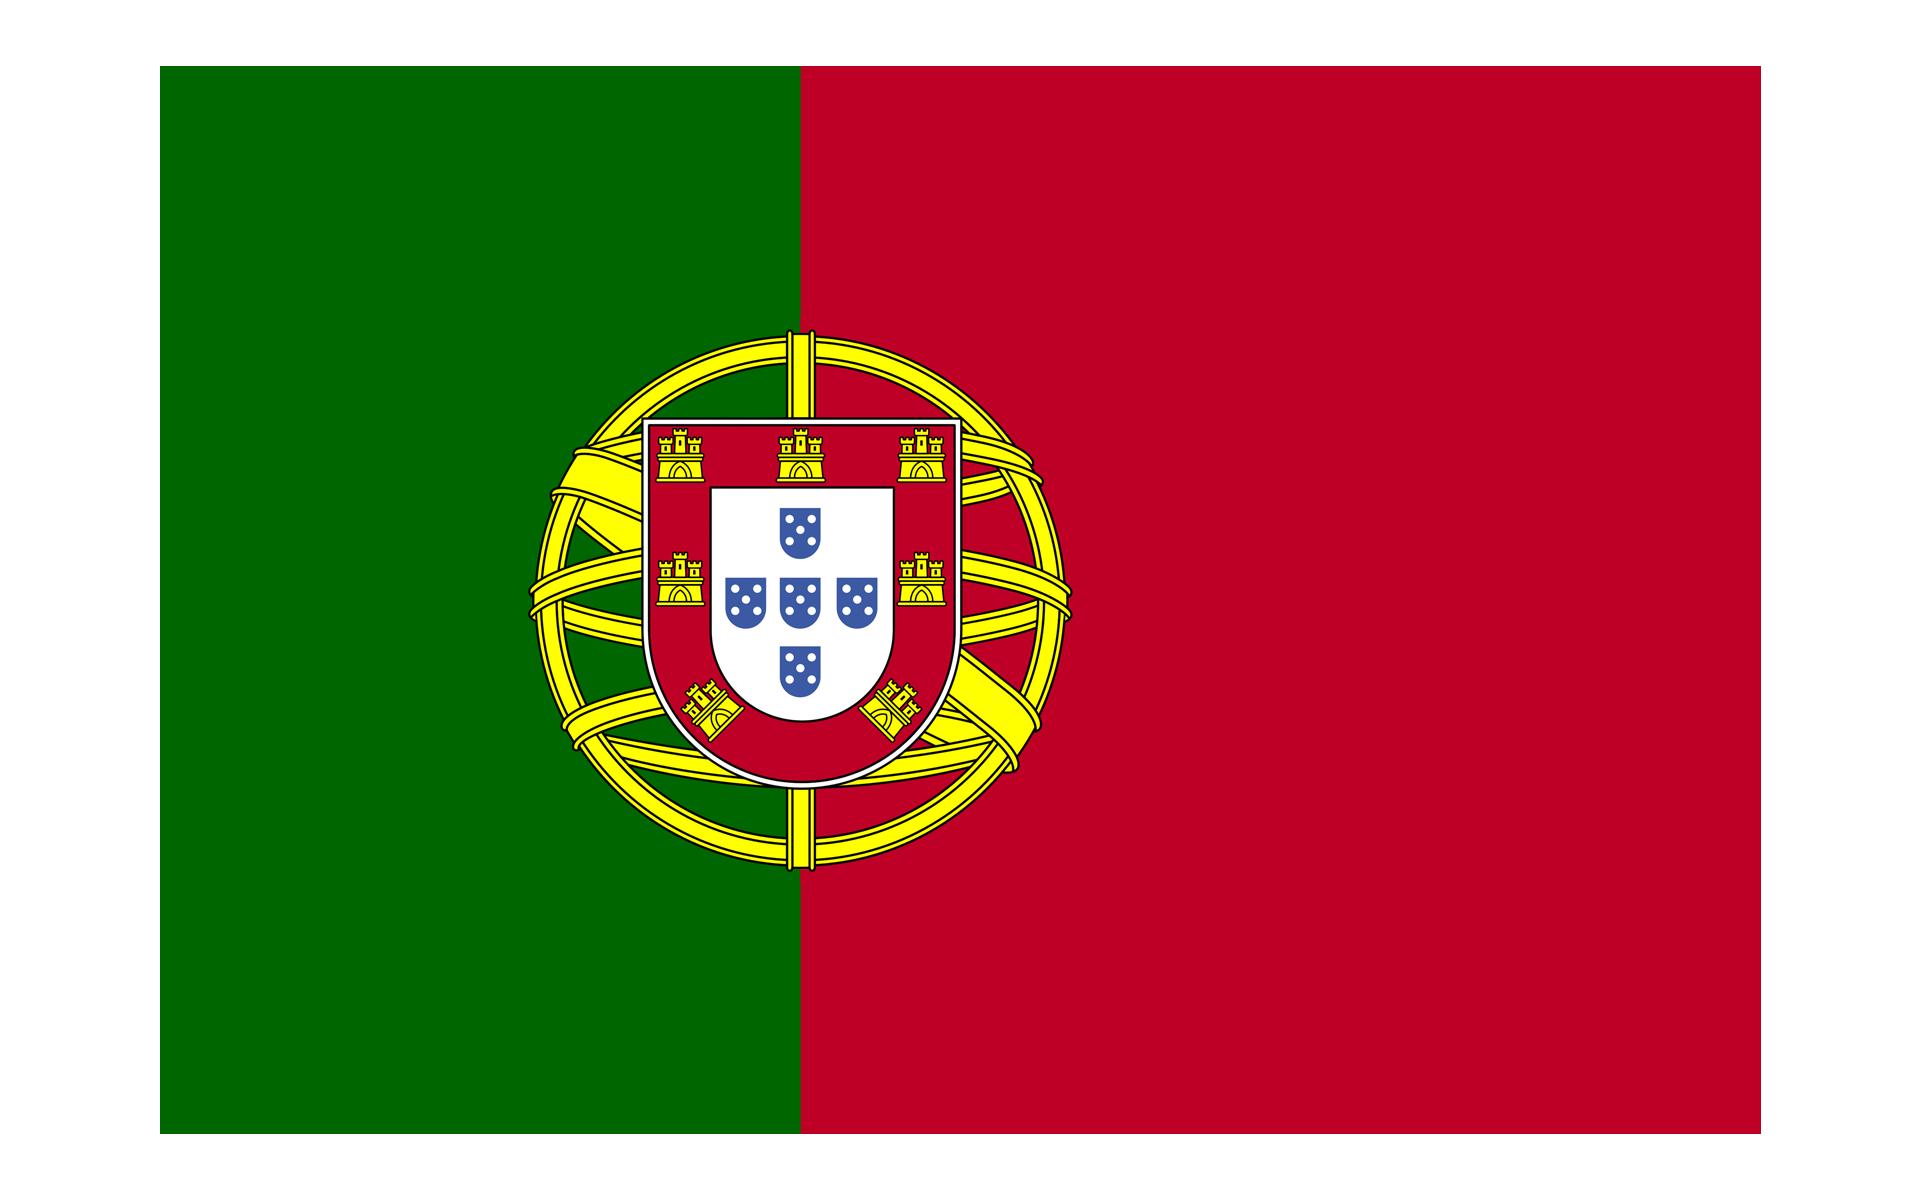 """到葡萄牙旅游,办理葡萄牙旅游签证需要什么材料(图2)  到葡萄牙旅游,办理葡萄牙旅游签证需要什么材料(图4)  到葡萄牙旅游,办理葡萄牙旅游签证需要什么材料(图7)  到葡萄牙旅游,办理葡萄牙旅游签证需要什么材料(图9)  到葡萄牙旅游,办理葡萄牙旅游签证需要什么材料(图12)  到葡萄牙旅游,办理葡萄牙旅游签证需要什么材料(图14) 为了解决用户可能碰到关于""""到葡萄牙旅游,办理葡萄牙旅游签证需要什么材料""""相关的问题,突袭网经过收集整理为用户提供相关的解决办法,请注意,解决办法仅供参考,不代表本网同"""